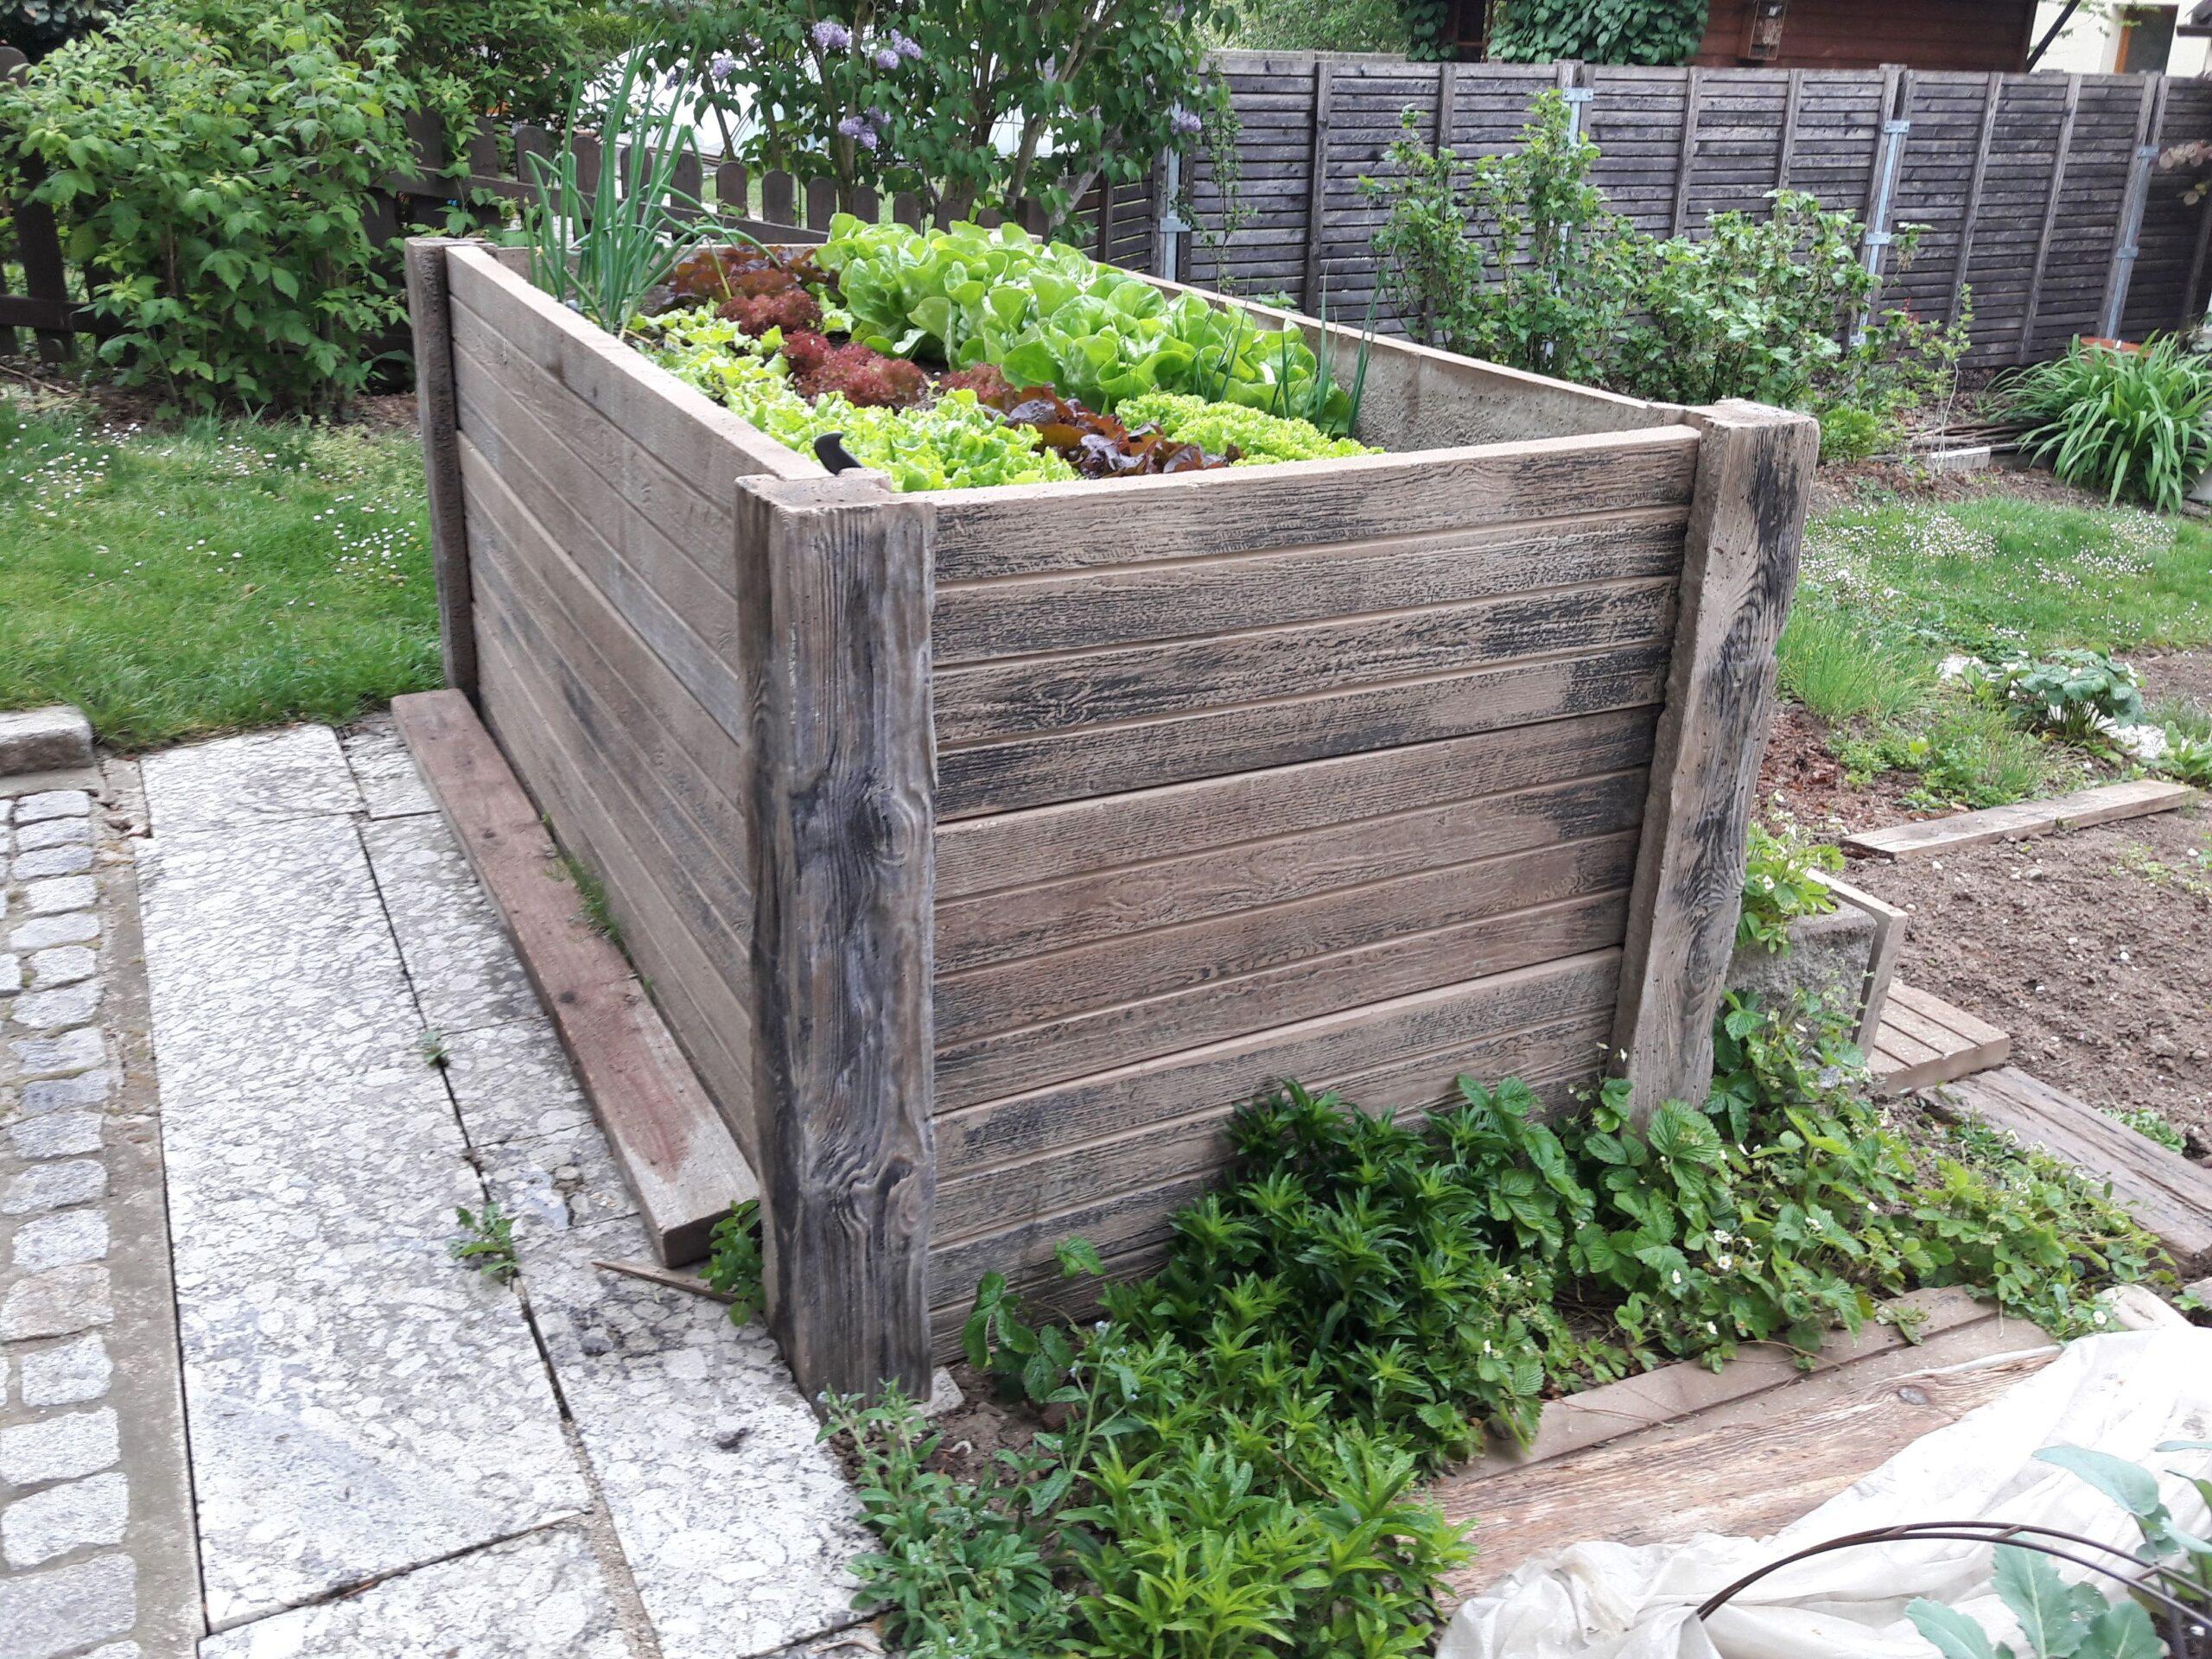 Full Size of Garten Bild Von Lisi In 2020 Versteinertes Holz Sichtschutz Für Fenster Sichtschutzfolie Im Wpc Sichtschutzfolien Wohnzimmer Hochbeet Sichtschutz